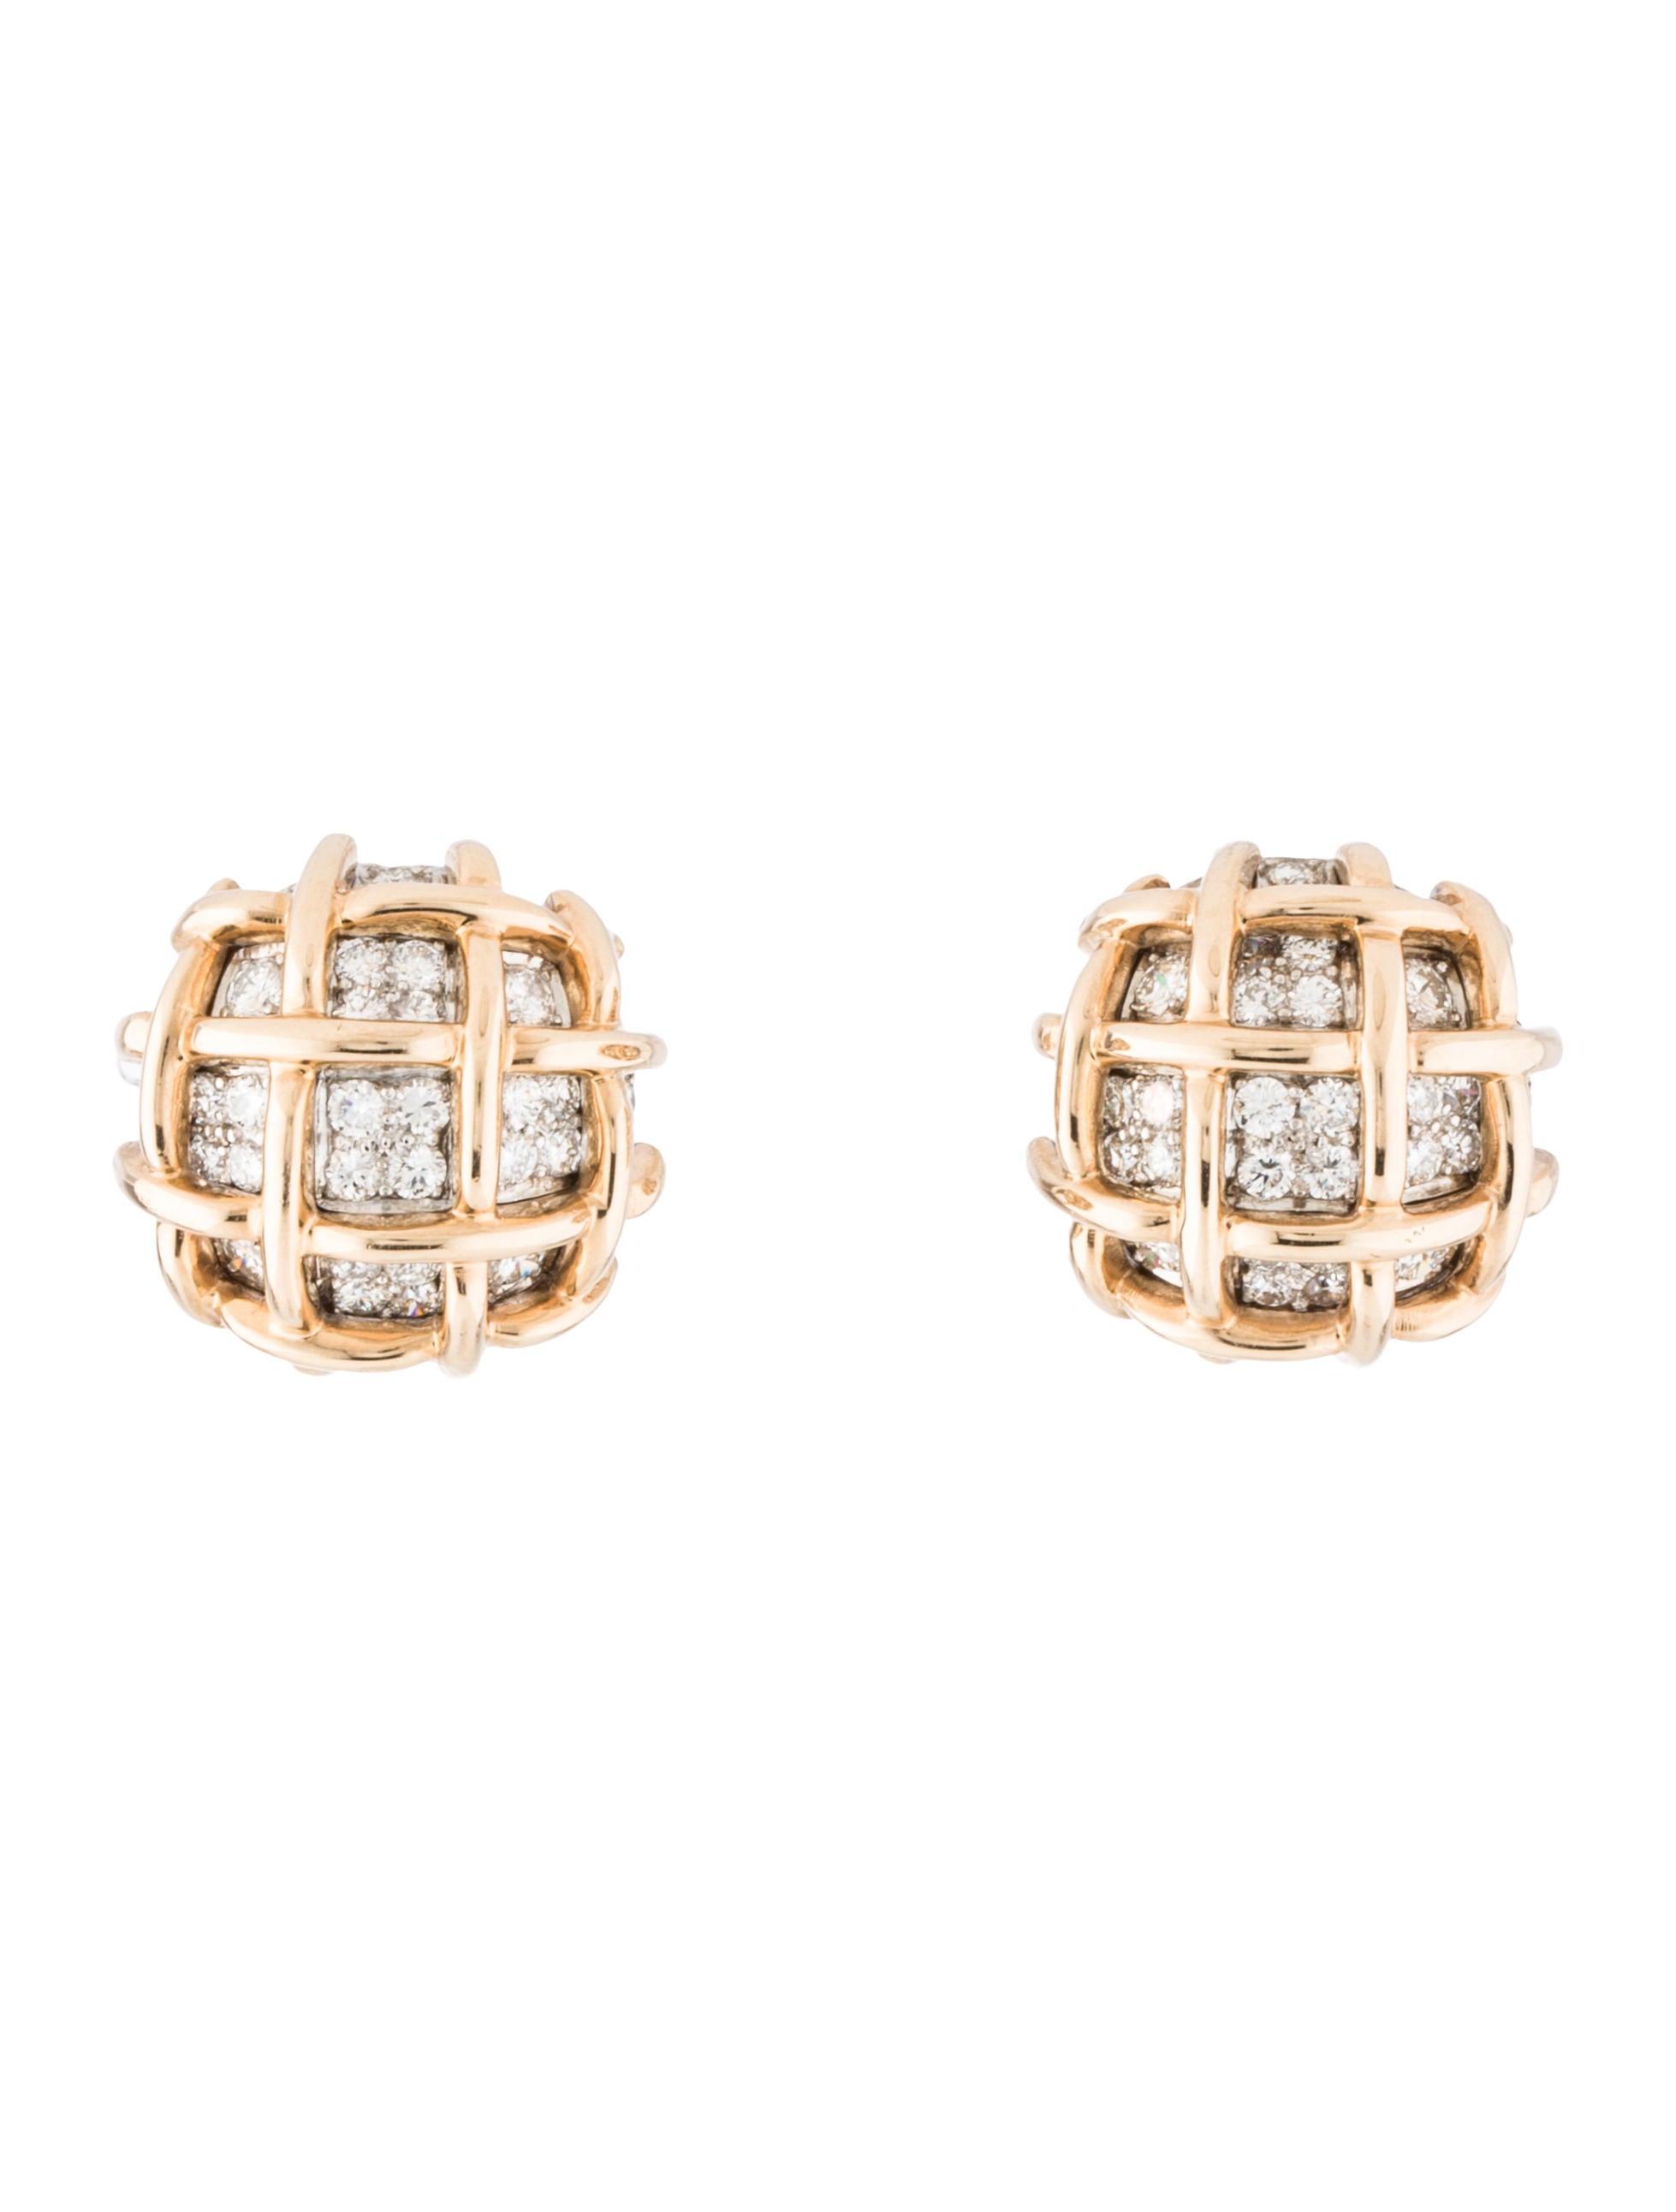 Basket Weaving Jewelry : Diamond basket weave earclips earrings earri